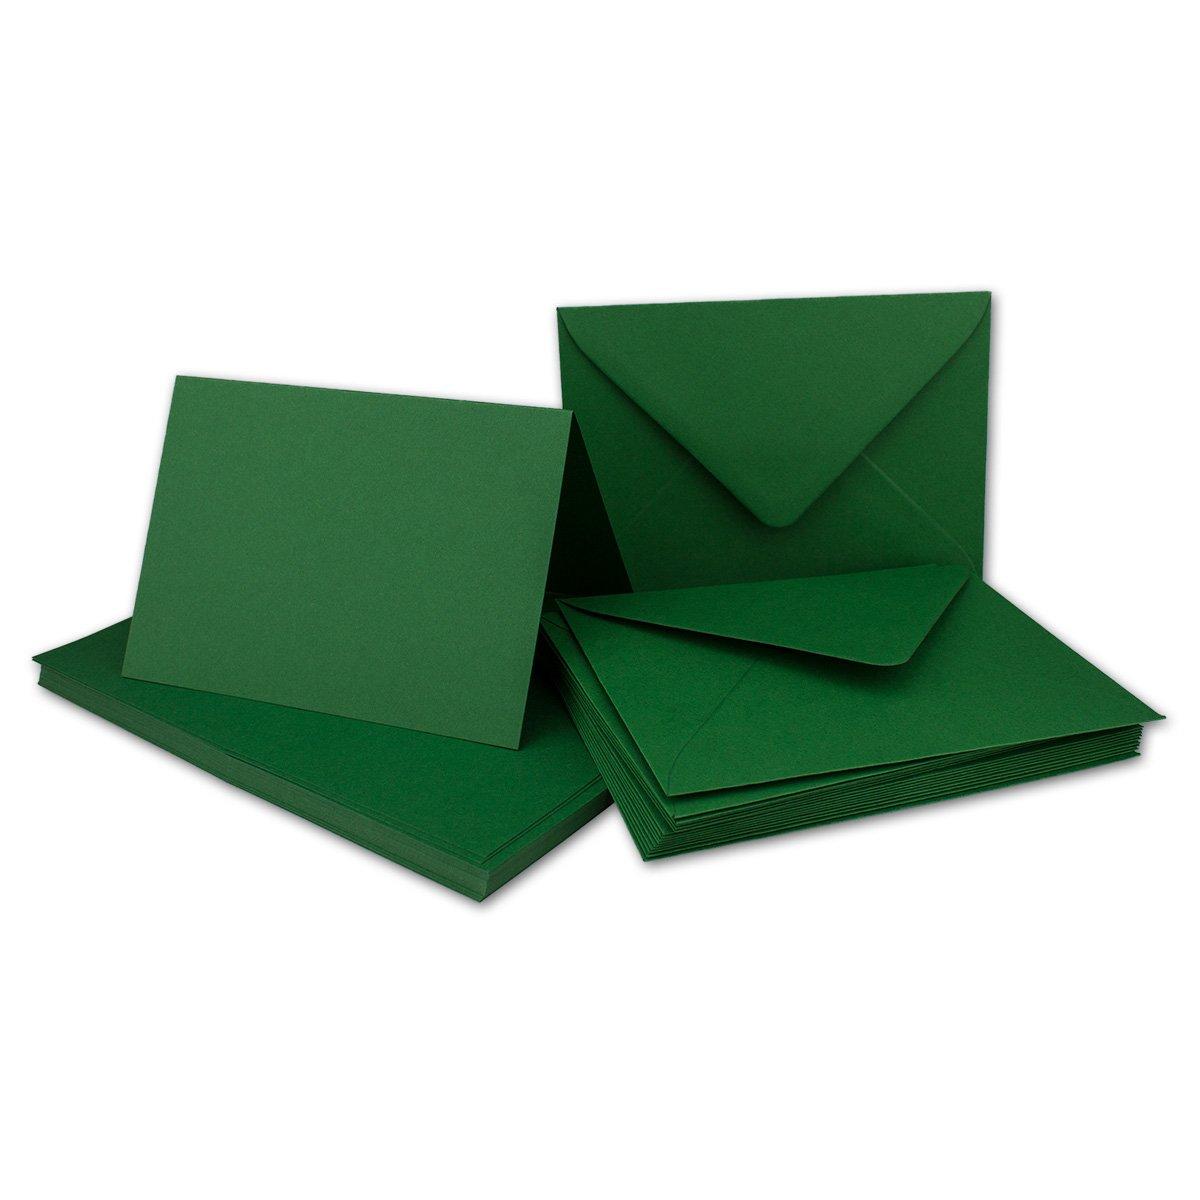 Faltkarten Set mit Brief-Umschlägen DIN A6   C6 in Rosanrot   100 Sets   14,8 x 10,5 cm   Premium Qualität   Serie FarbenFroh® B079ZW33XQ | Wunderbar